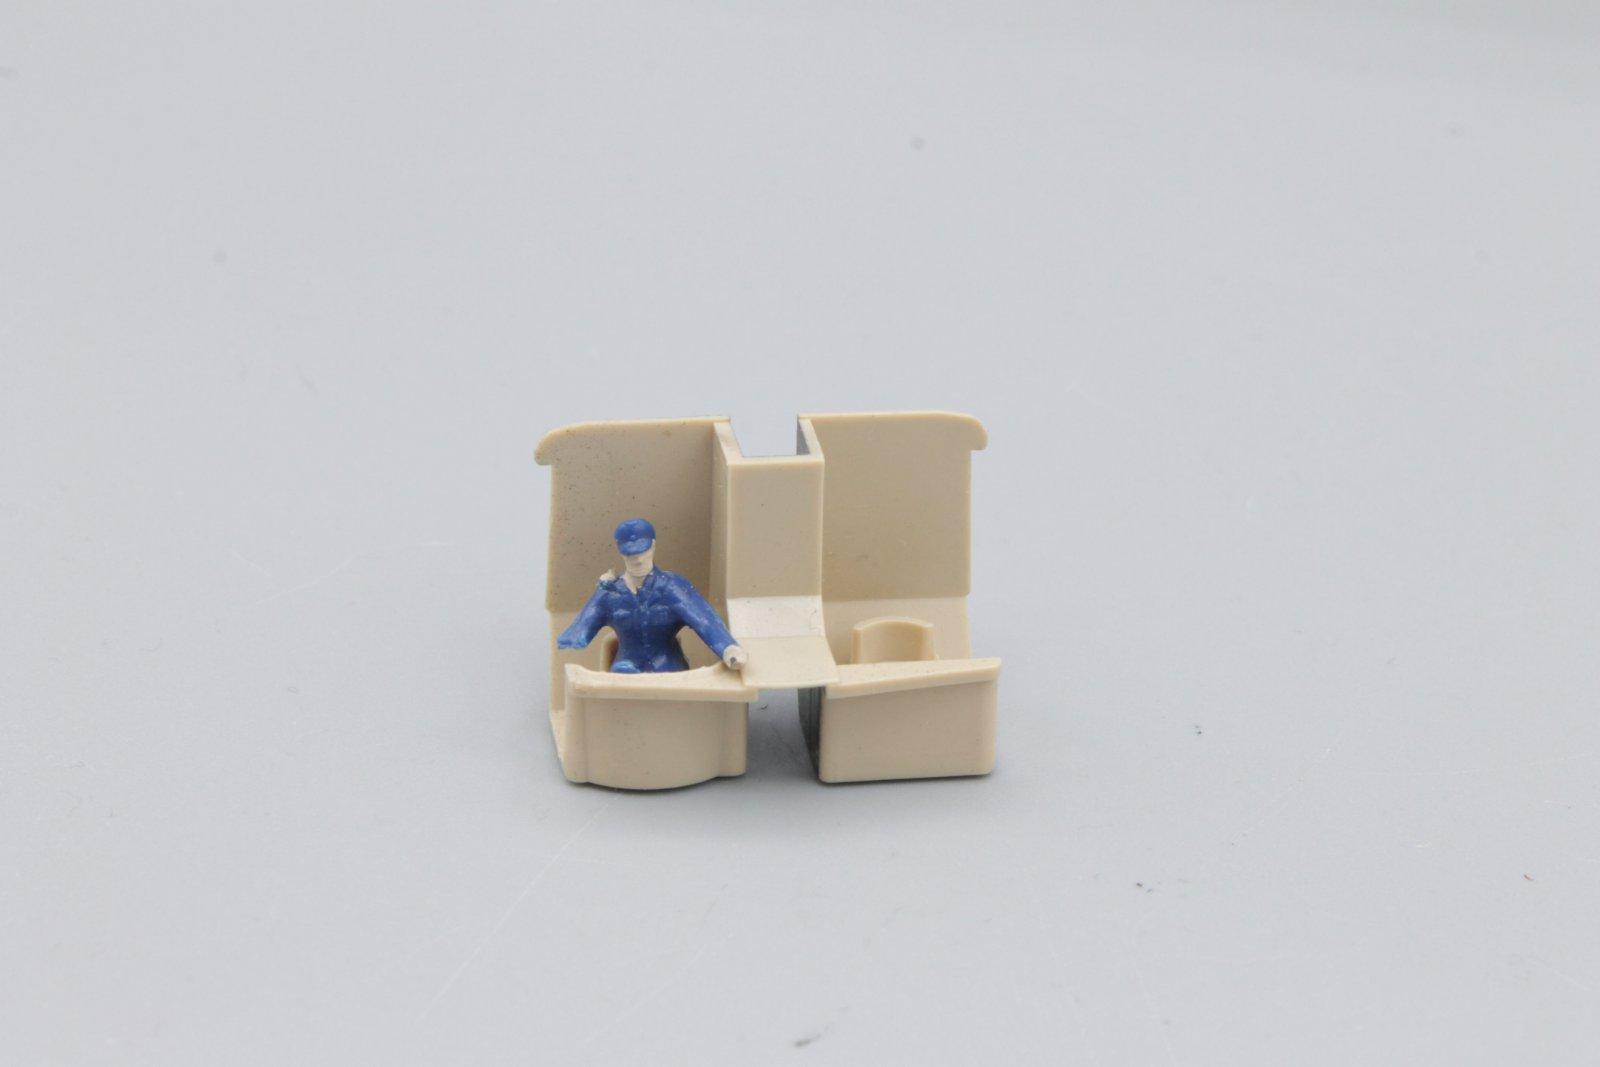 Ersatzteil Roco 140 Führerstandseinrichtung - 2 Stück mit Lokführer